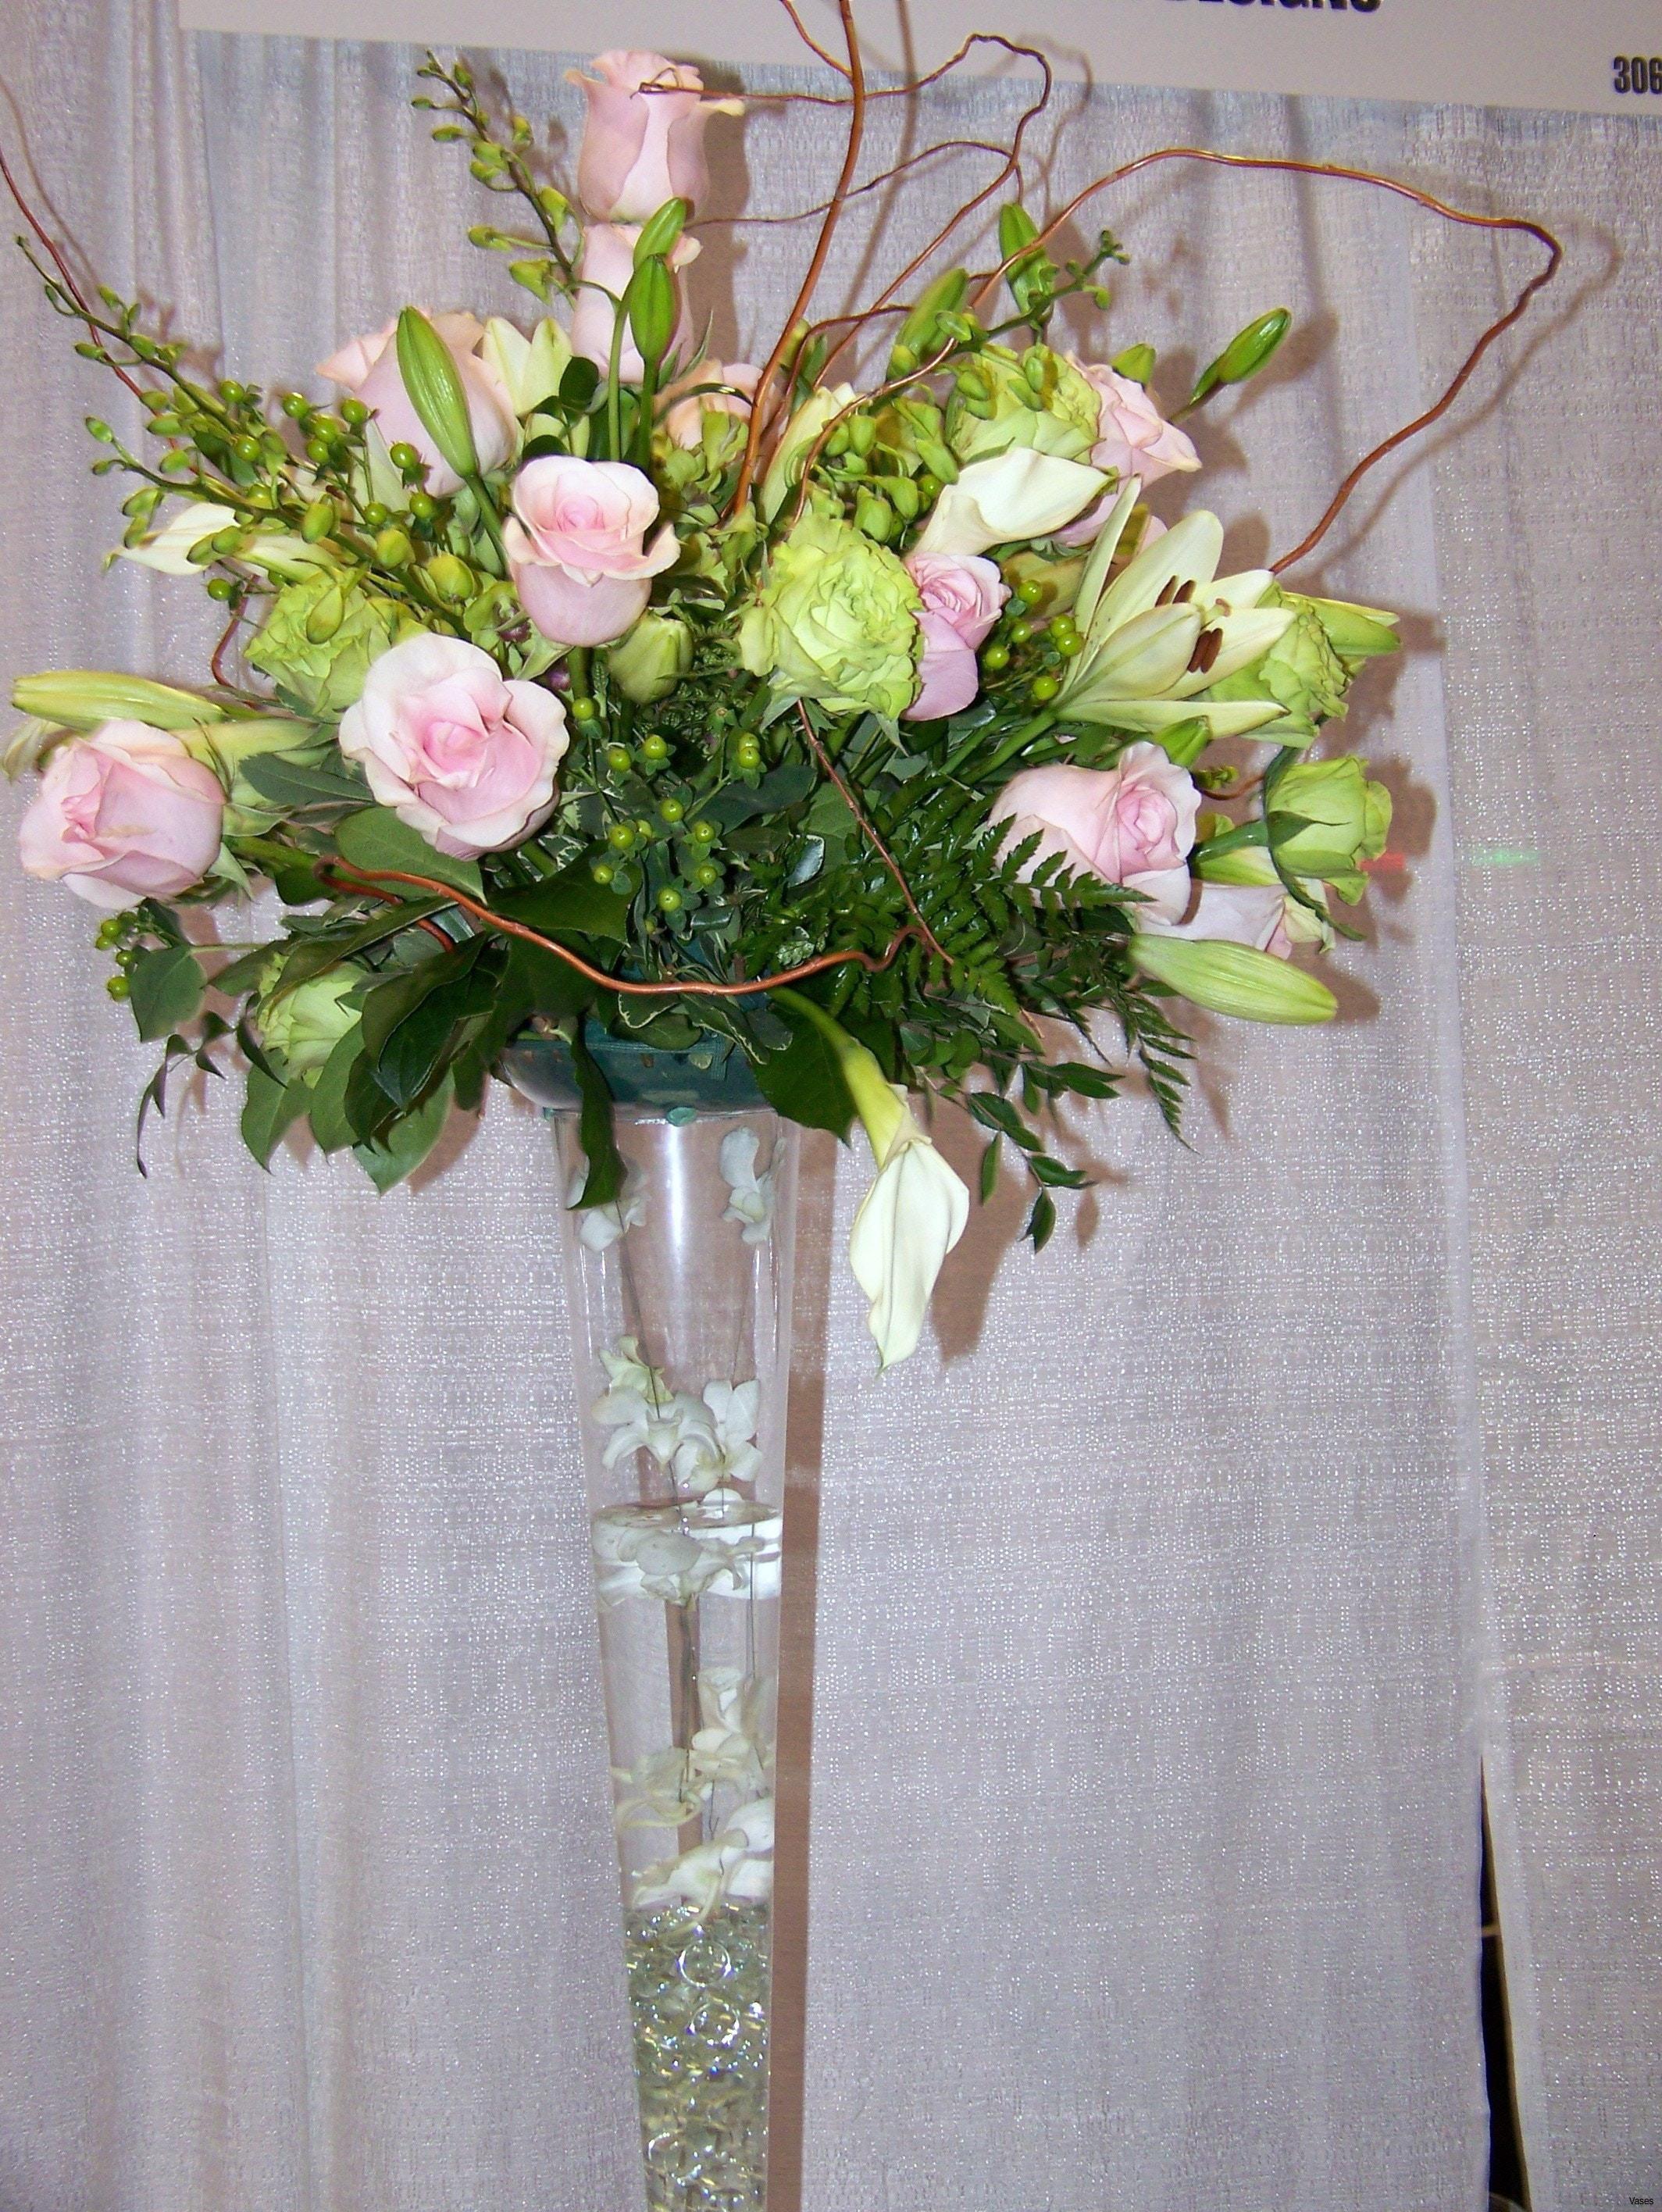 metal floral vases of deco table princesse nouveau h vases ideas for floral arrangements pertaining to deco table princesse nouveau h vases ideas for floral arrangements in i 0d design ideas design